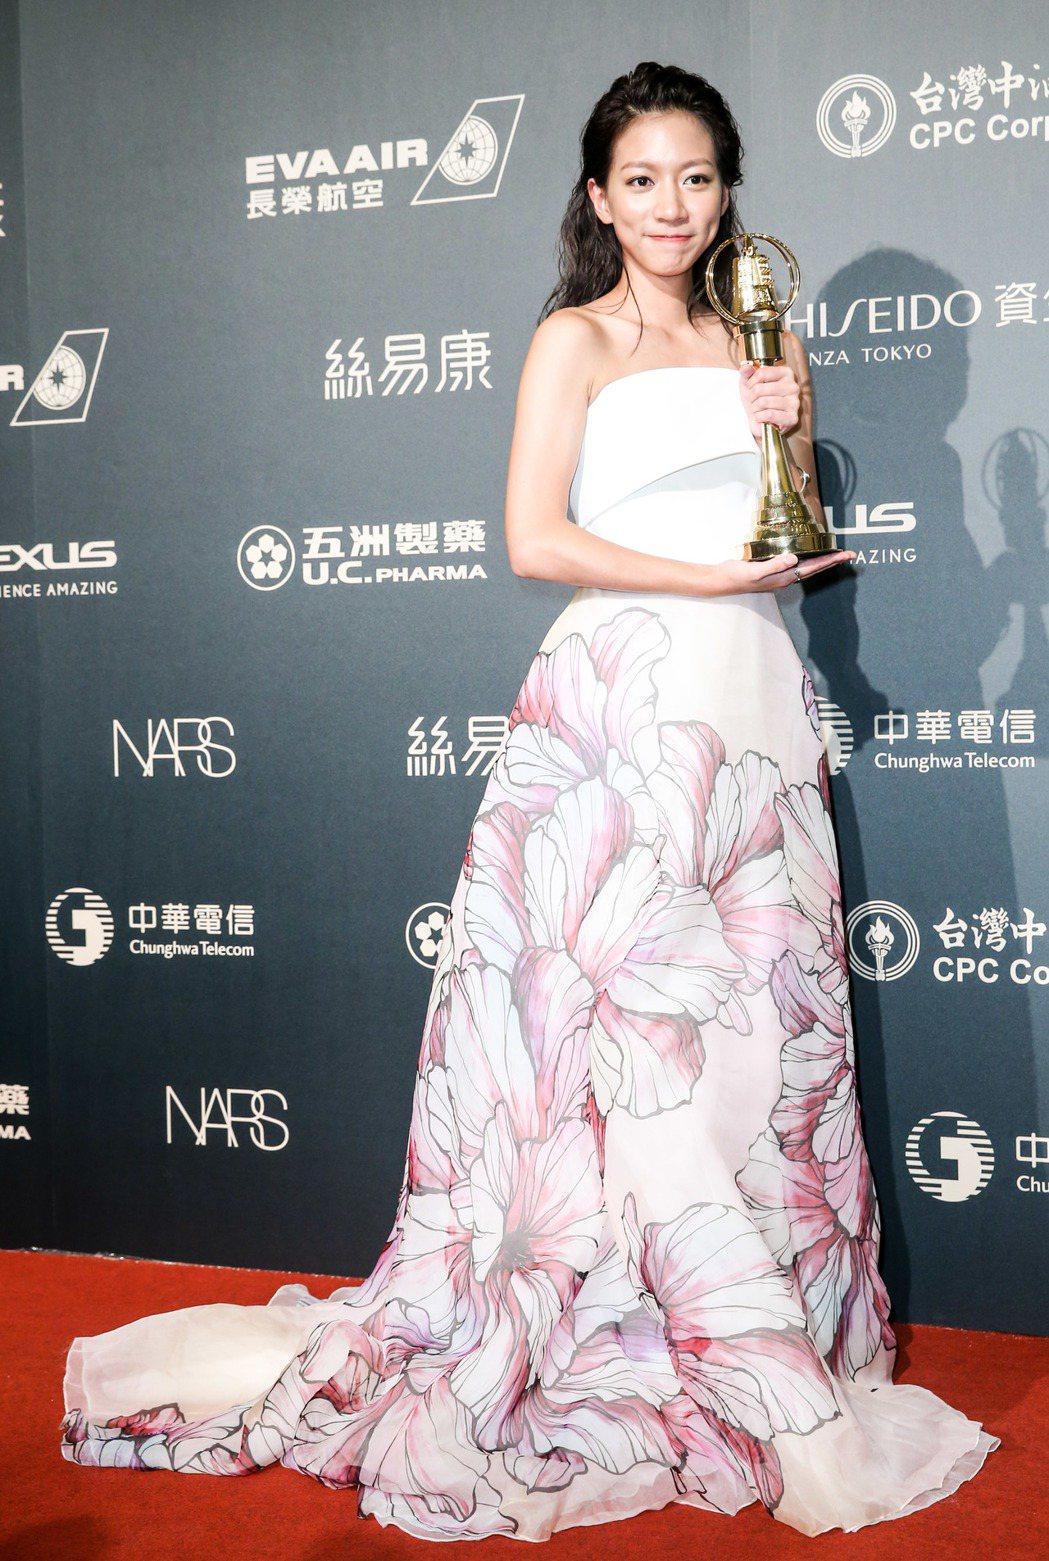 第52屆金鐘獎,陳妤以「戀愛沙塵暴」獲戲劇節目新進演員獎。記者鄭清元/攝影